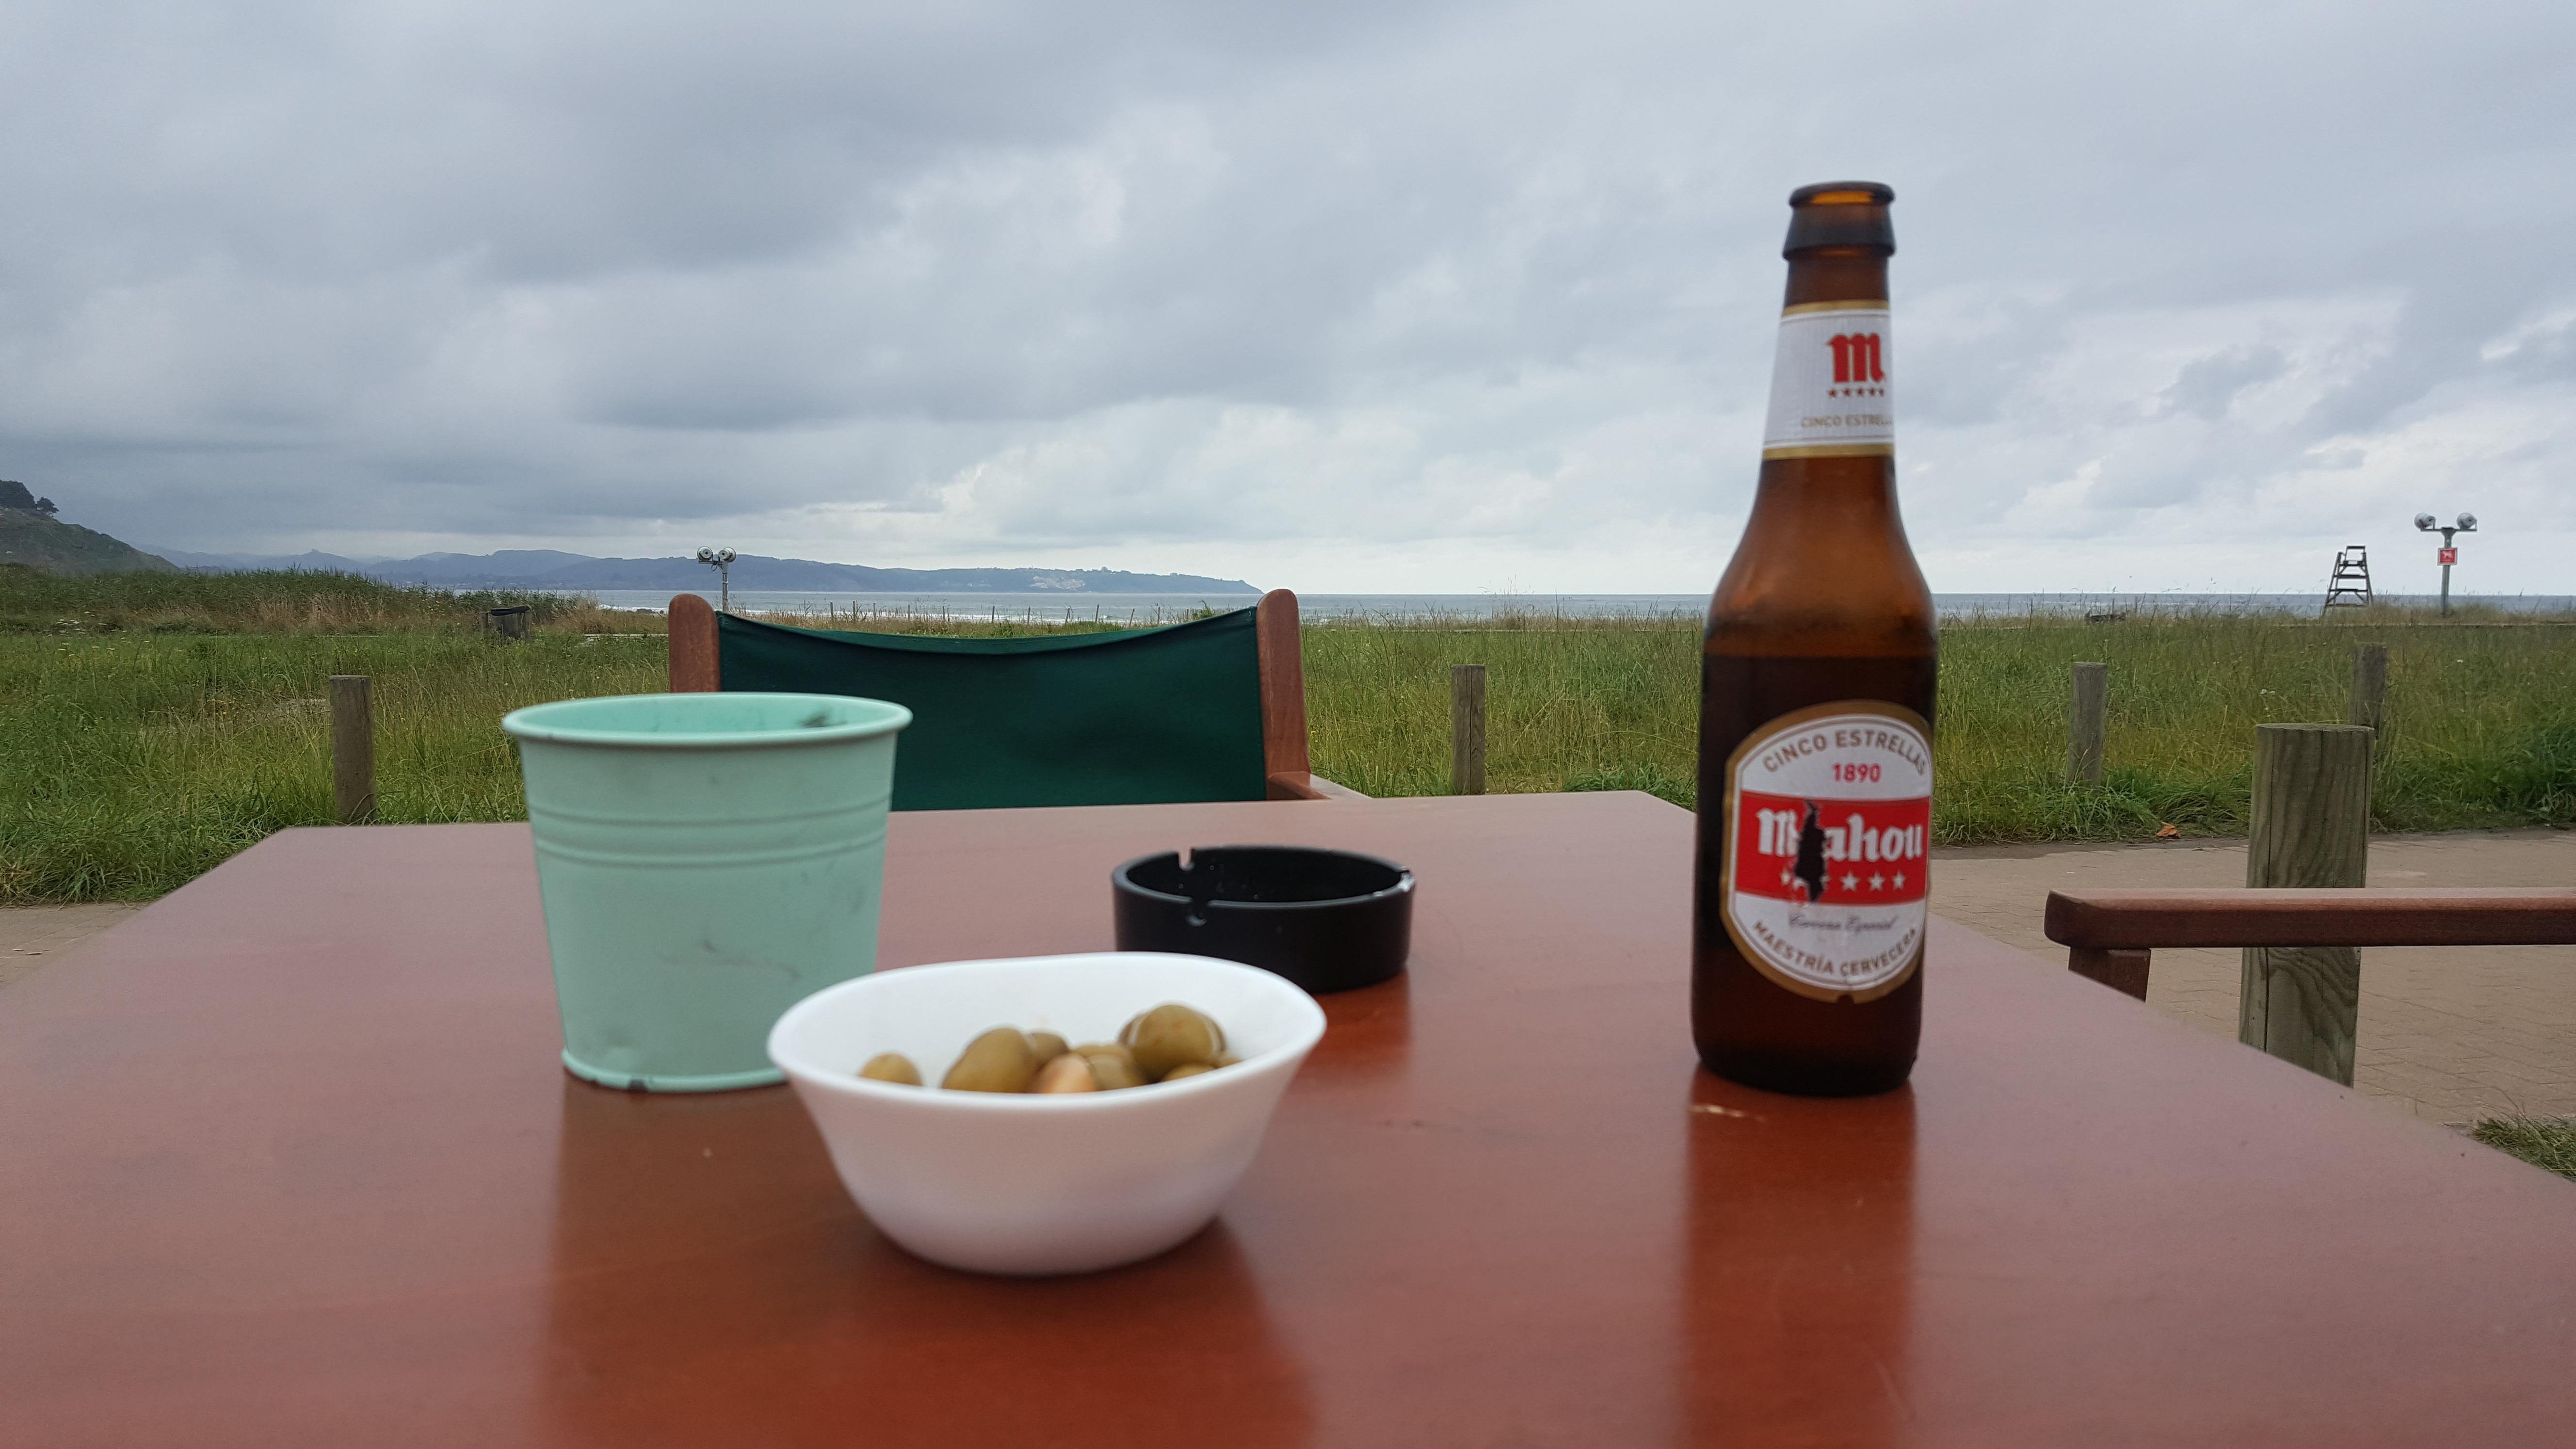 Sentado frente a una mesa. Sobre la mesa una cerveza fresca, un cuenco con aceitunas verdes y continuación, en el horizonte se divisa el mar bajo un cielo cubierto de nubes con distintos grises